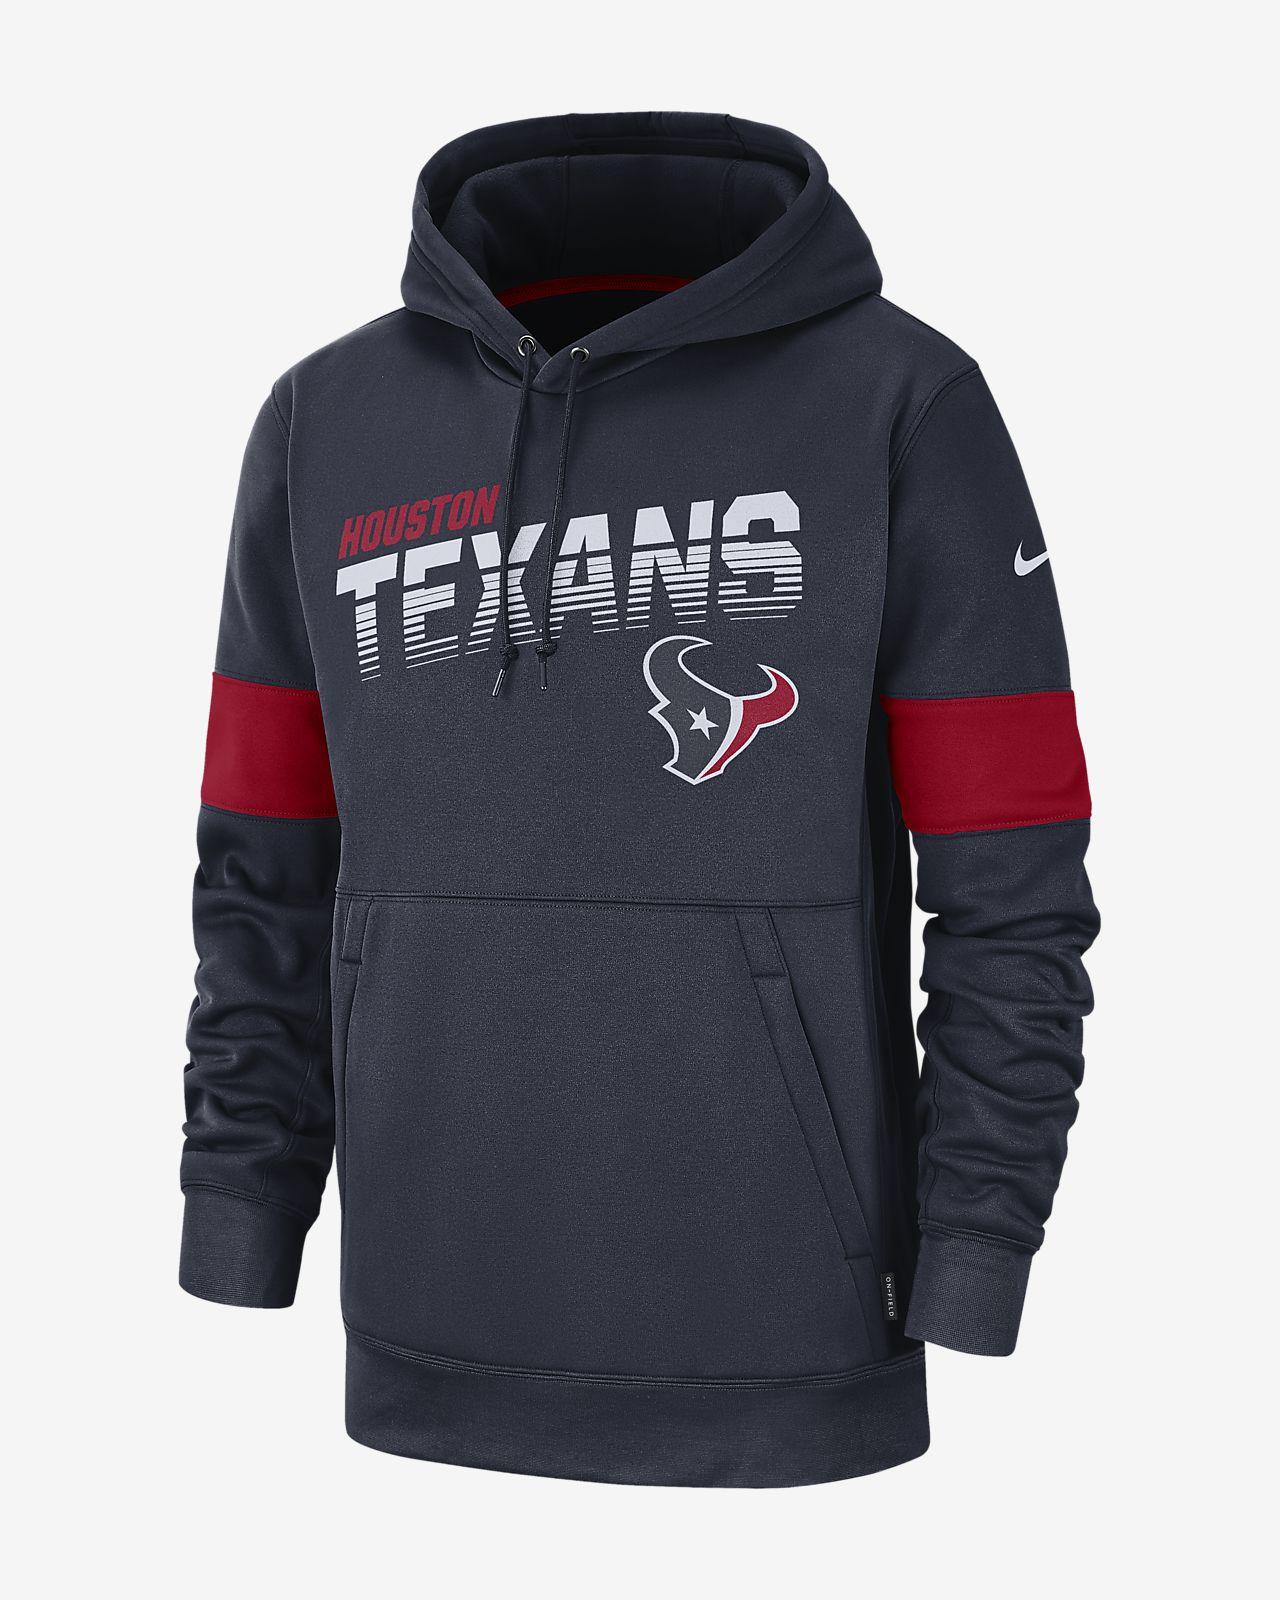 huge discount a0313 079c4 Nike Therma (NFL Texans) Men's Hoodie